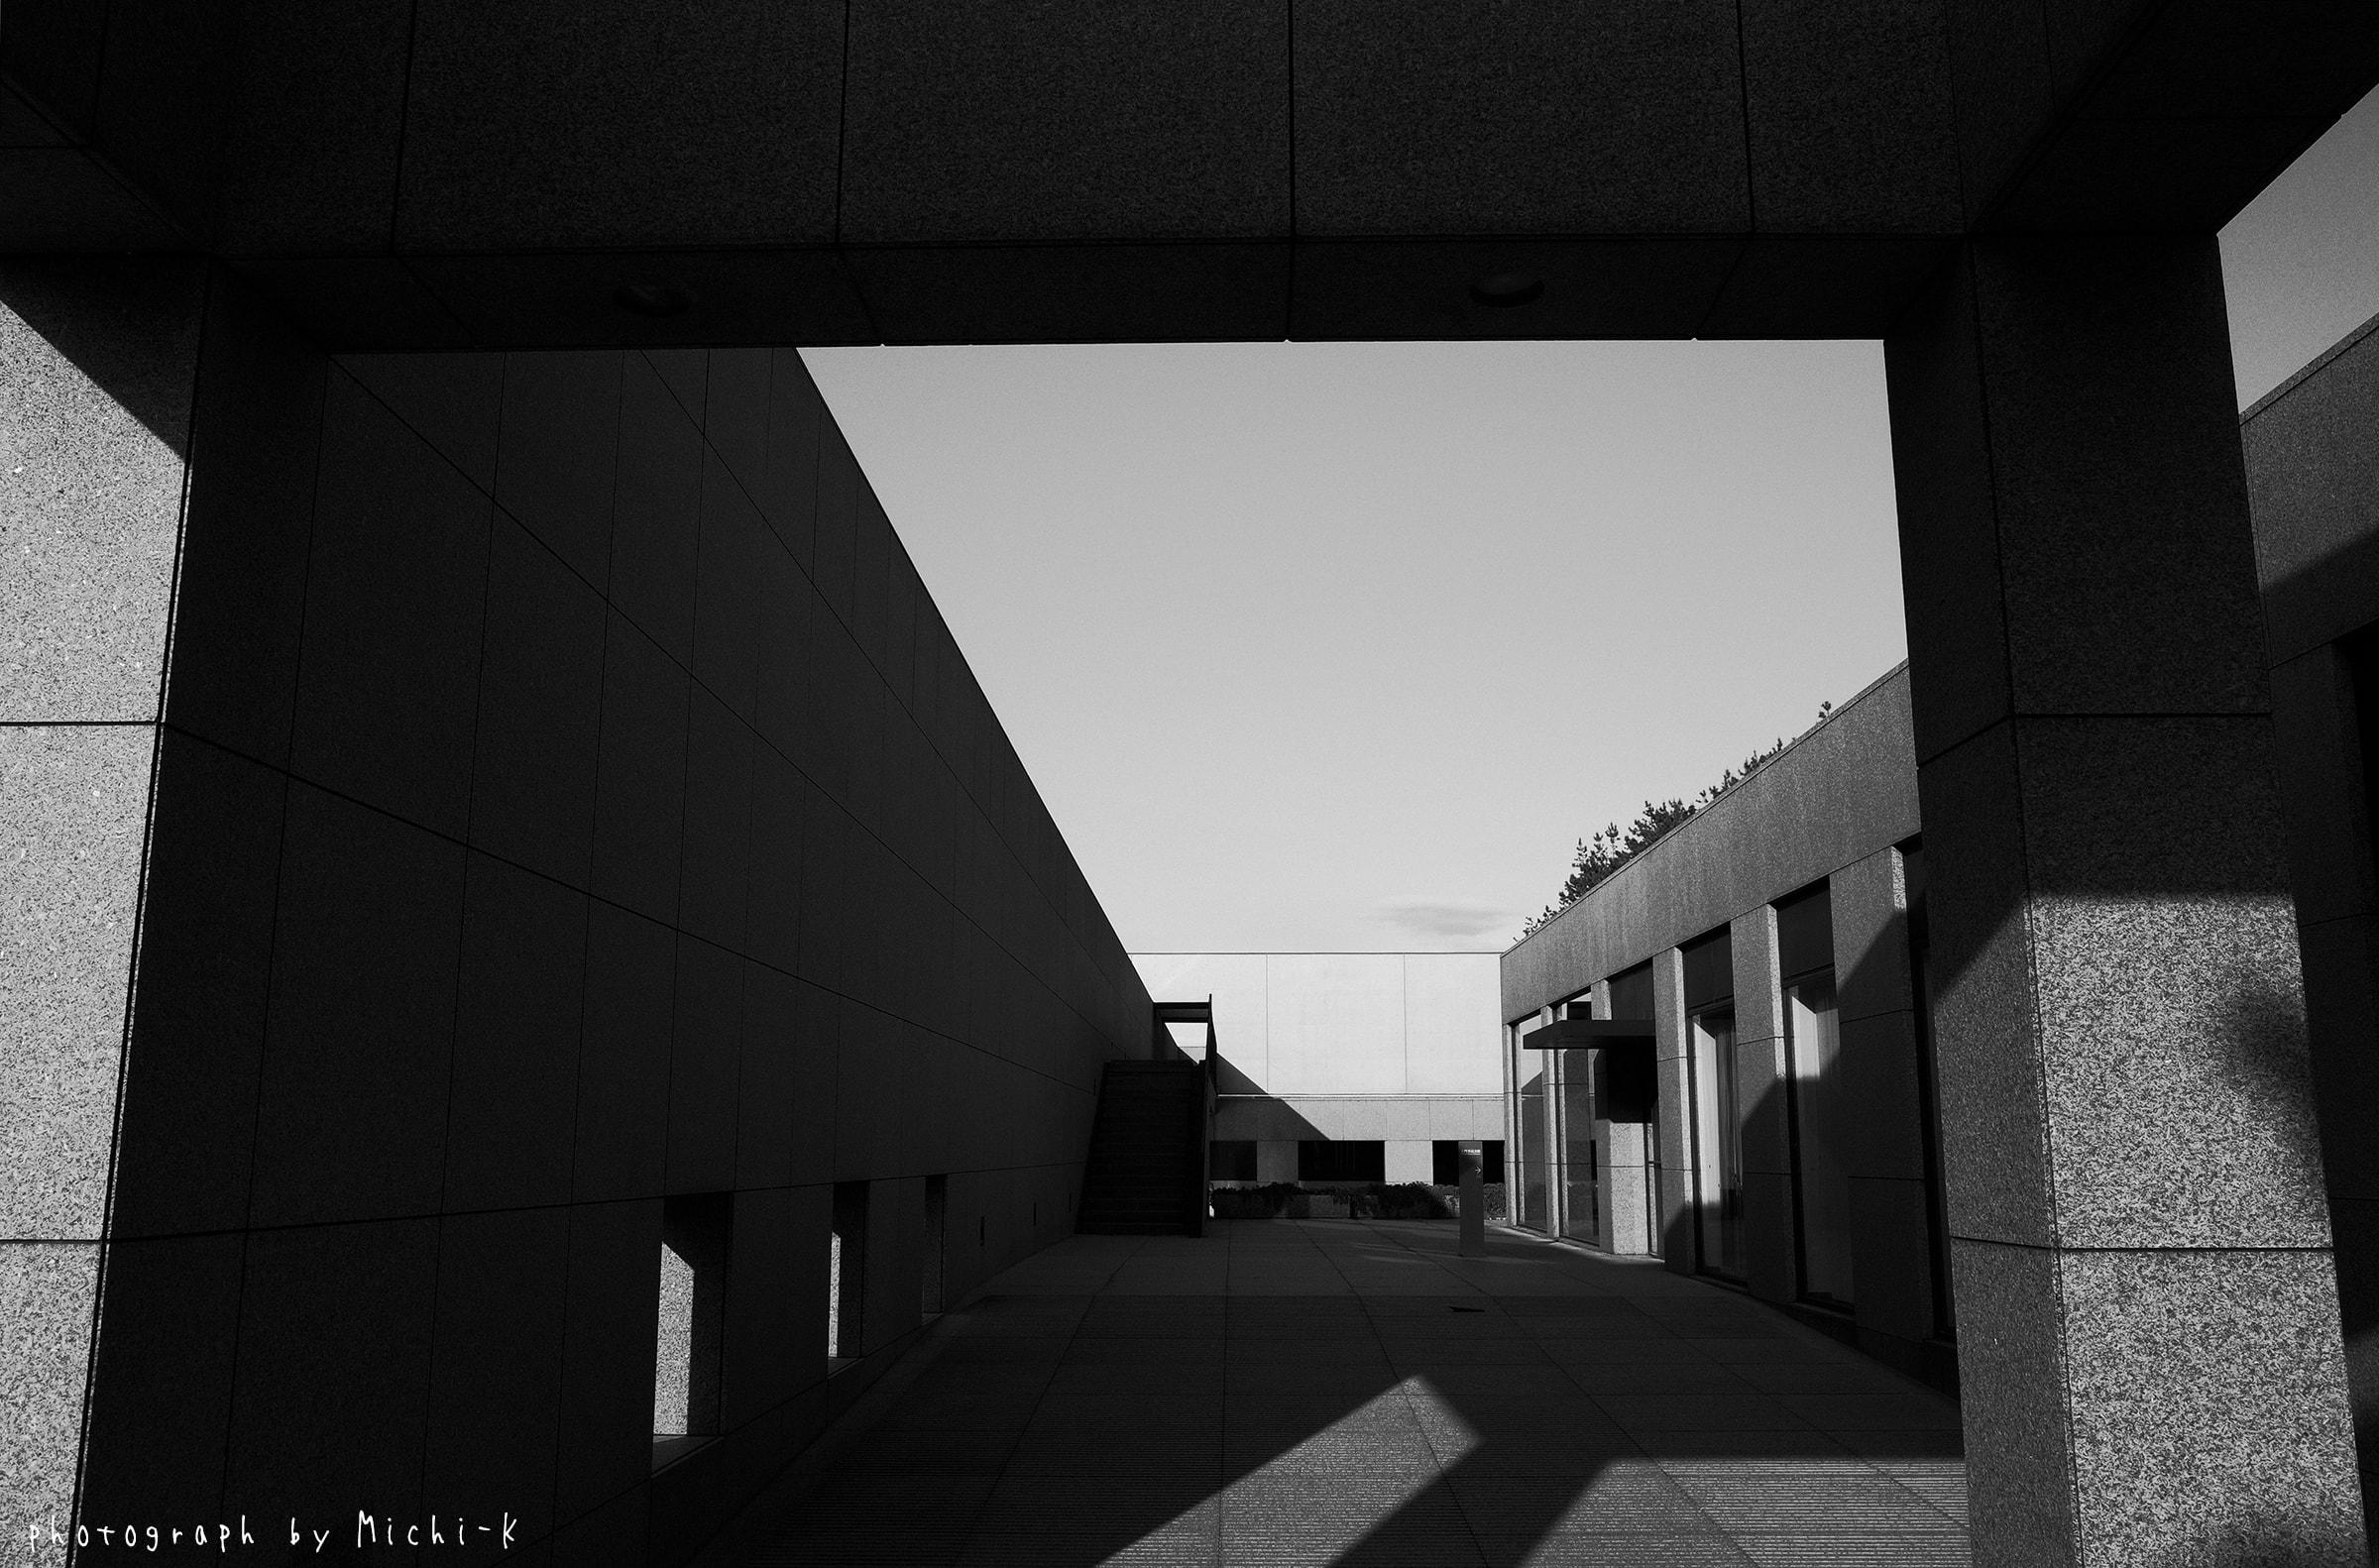 土門拳記念館-2(モノクロ)